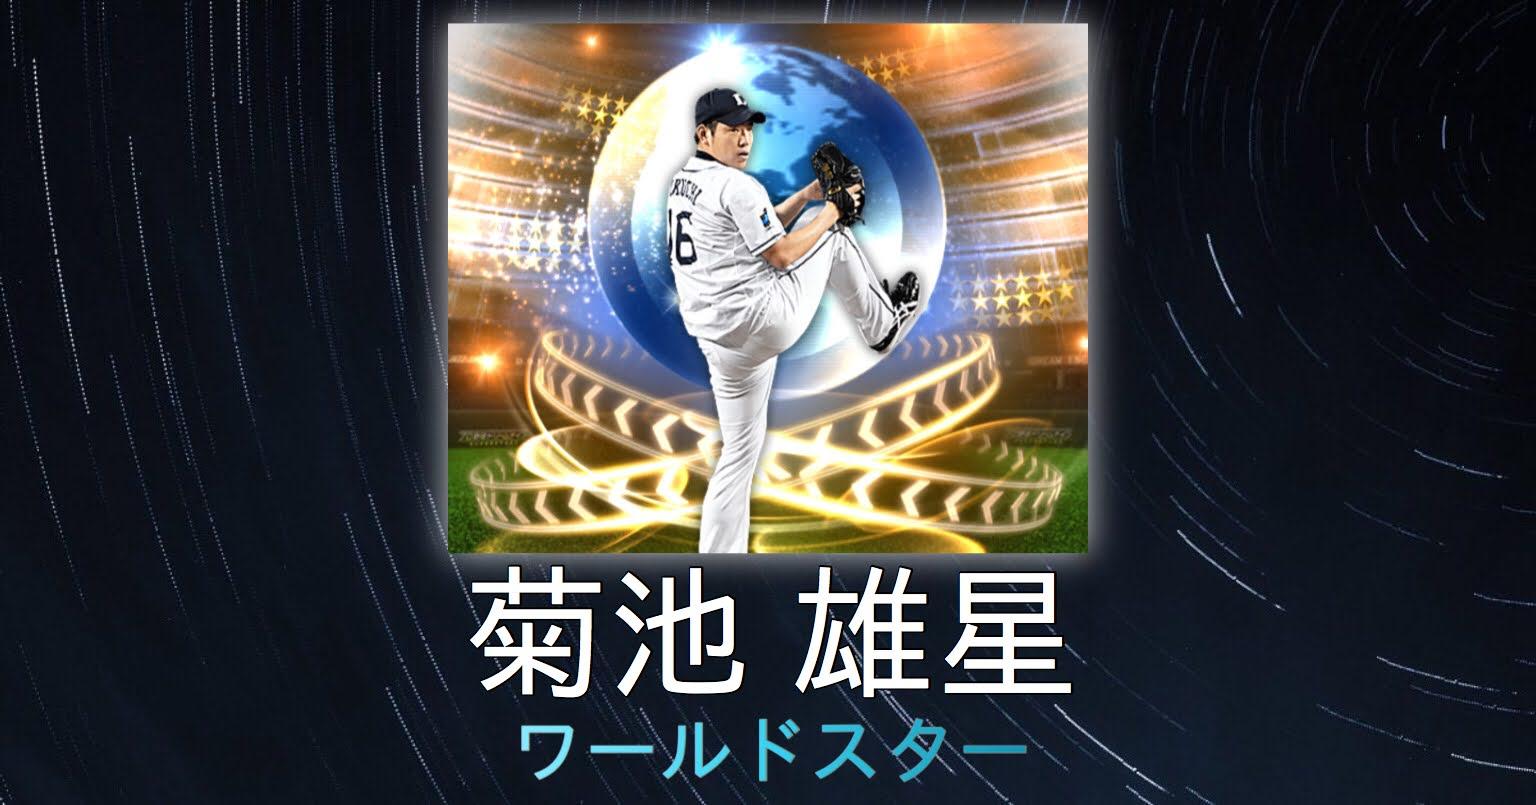 【プロスピA】2020ワールドスター 菊池 雄星投手